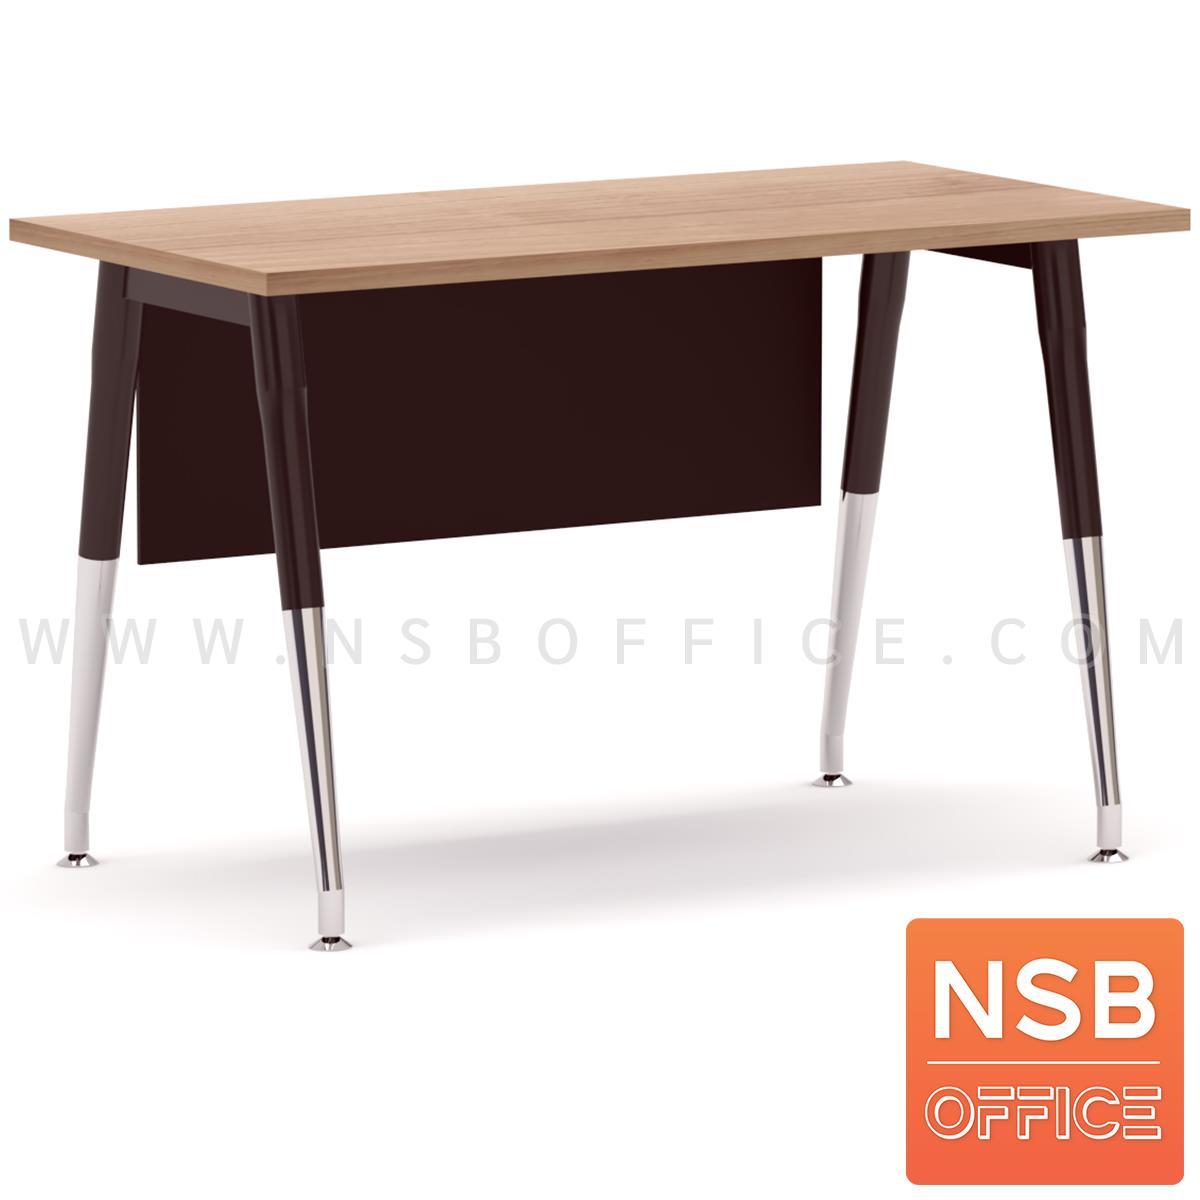 A18A060:โต๊ะทำงาน บังโป๊ไม้  รุ่น Taper  ขาเหล็กวีคว่ำทำสี ปลายเรียว